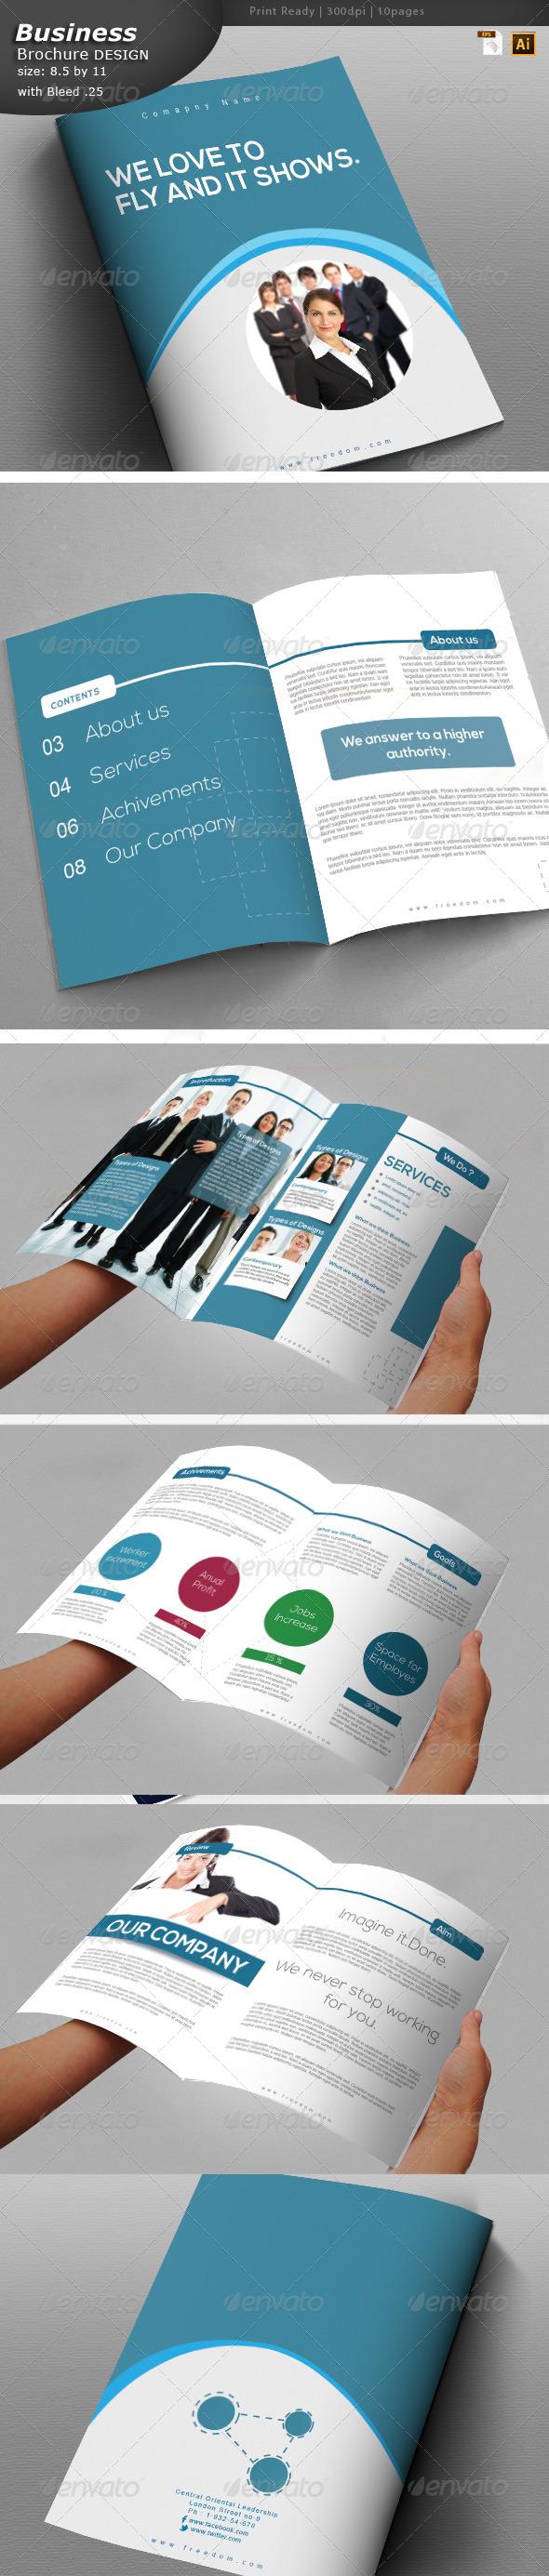 GraphicRiver Services Brochure Design 6069773